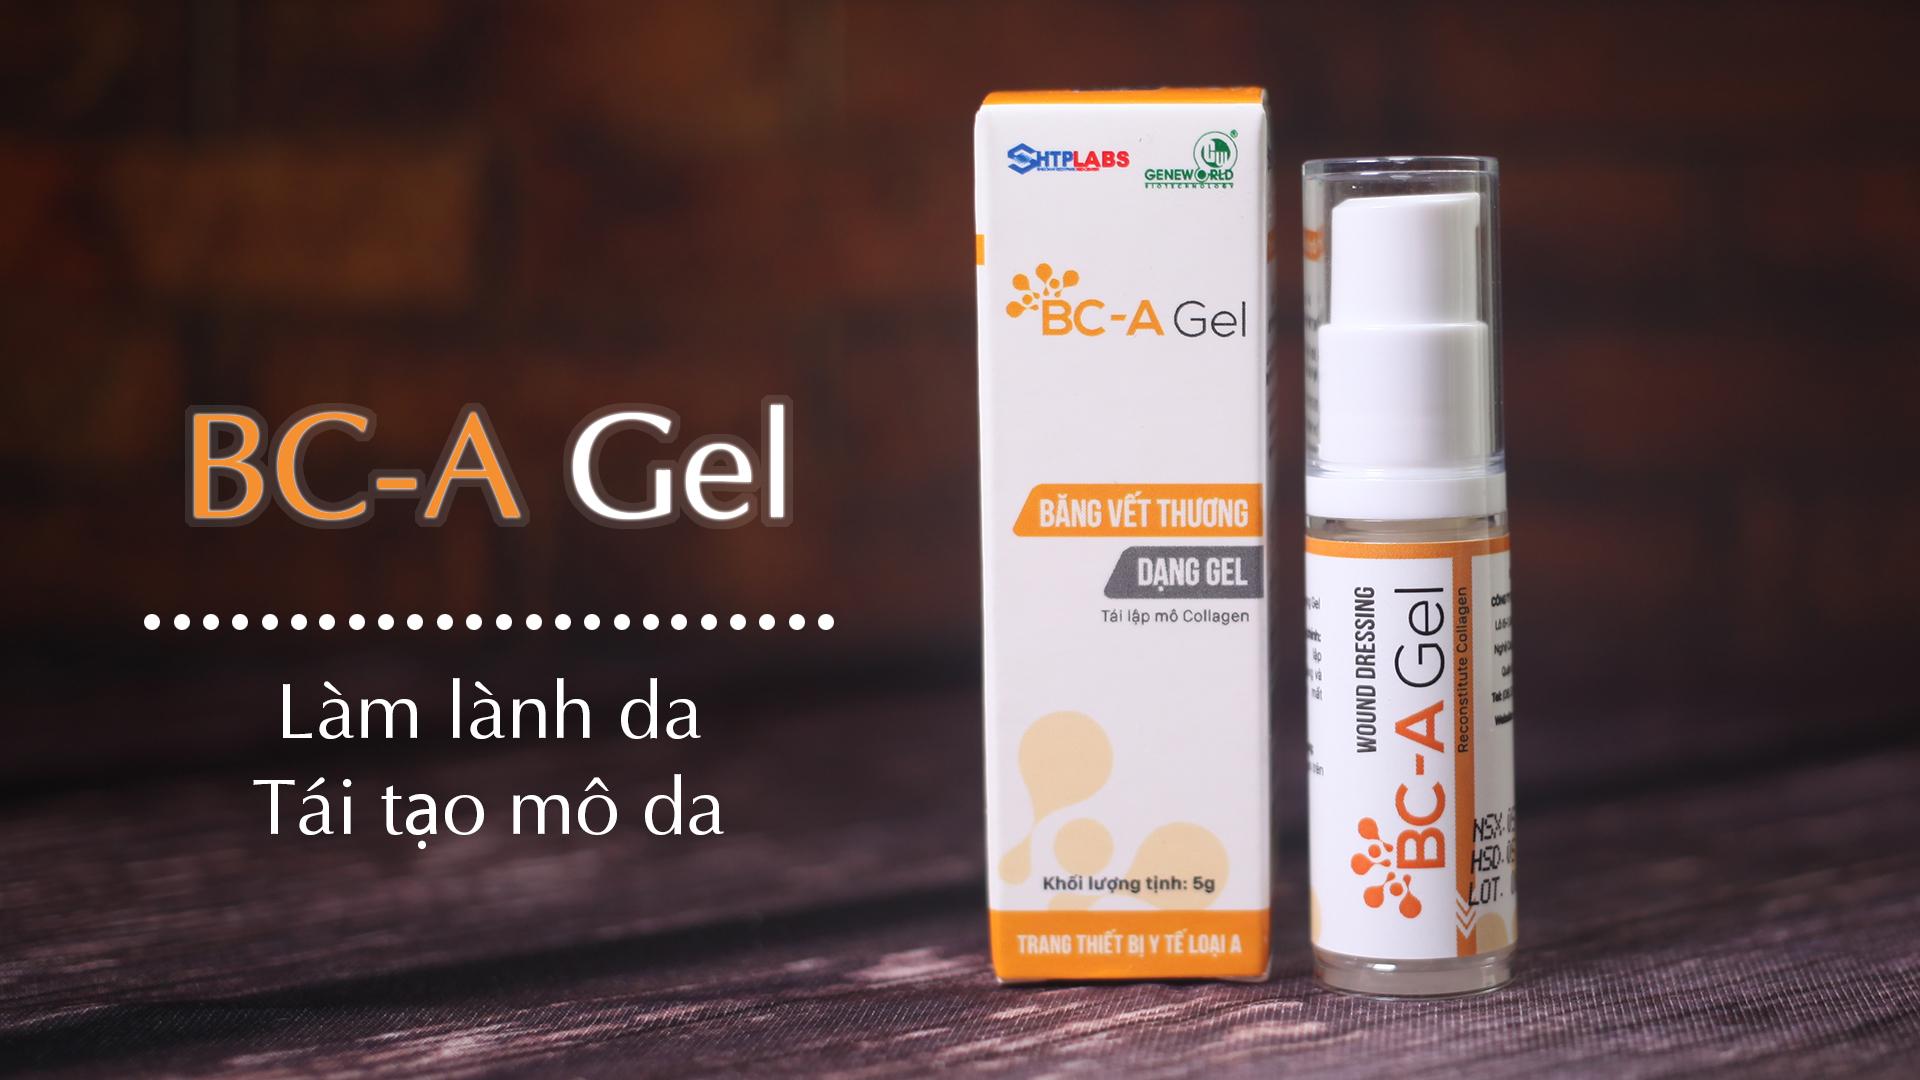 Băng vết thương dạng Gel BC-A Gel 5g